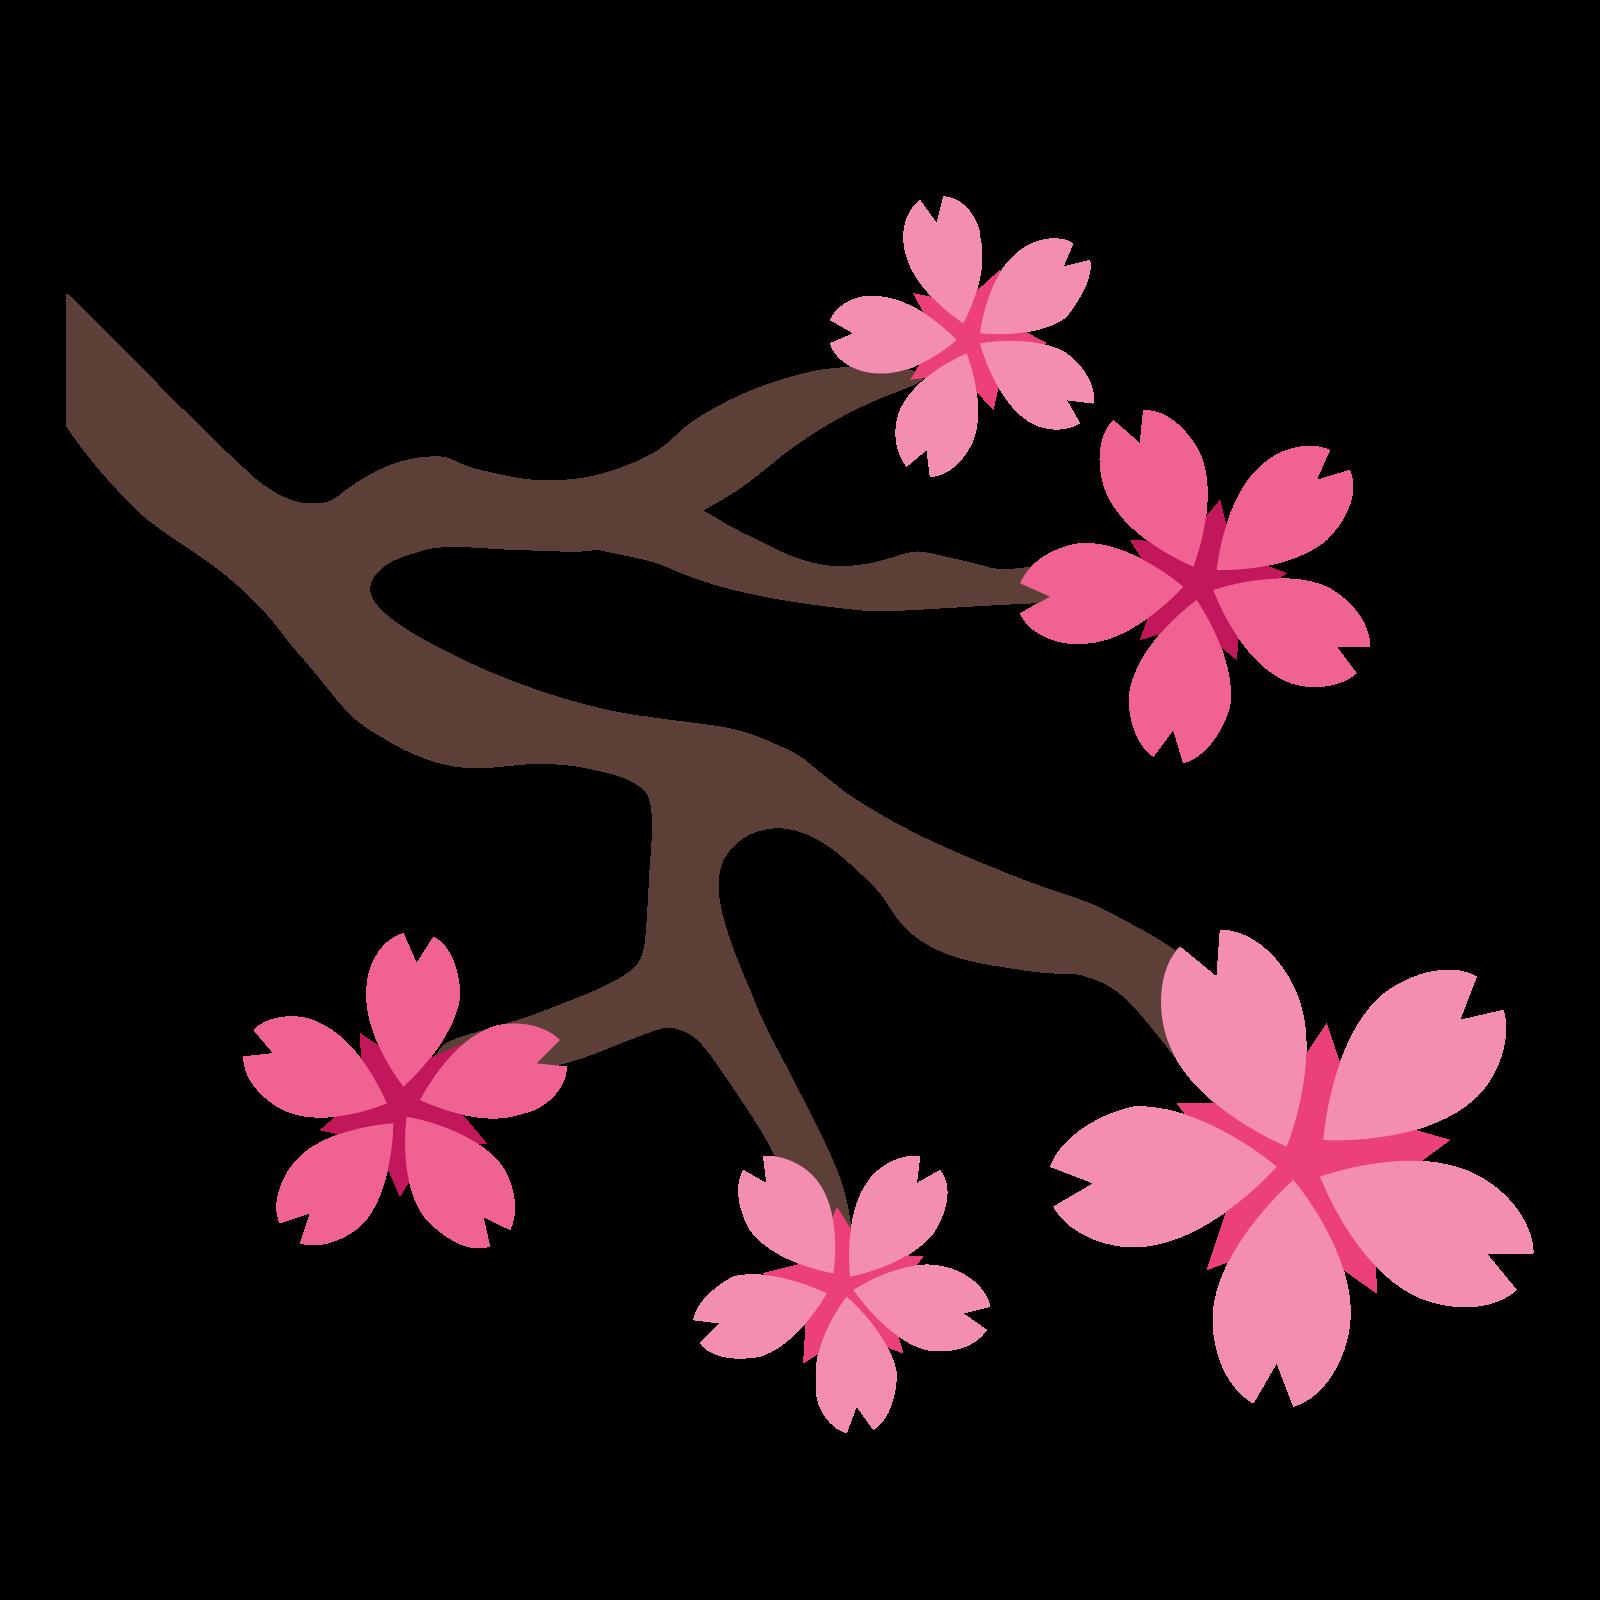 Sakura PNG images free download.